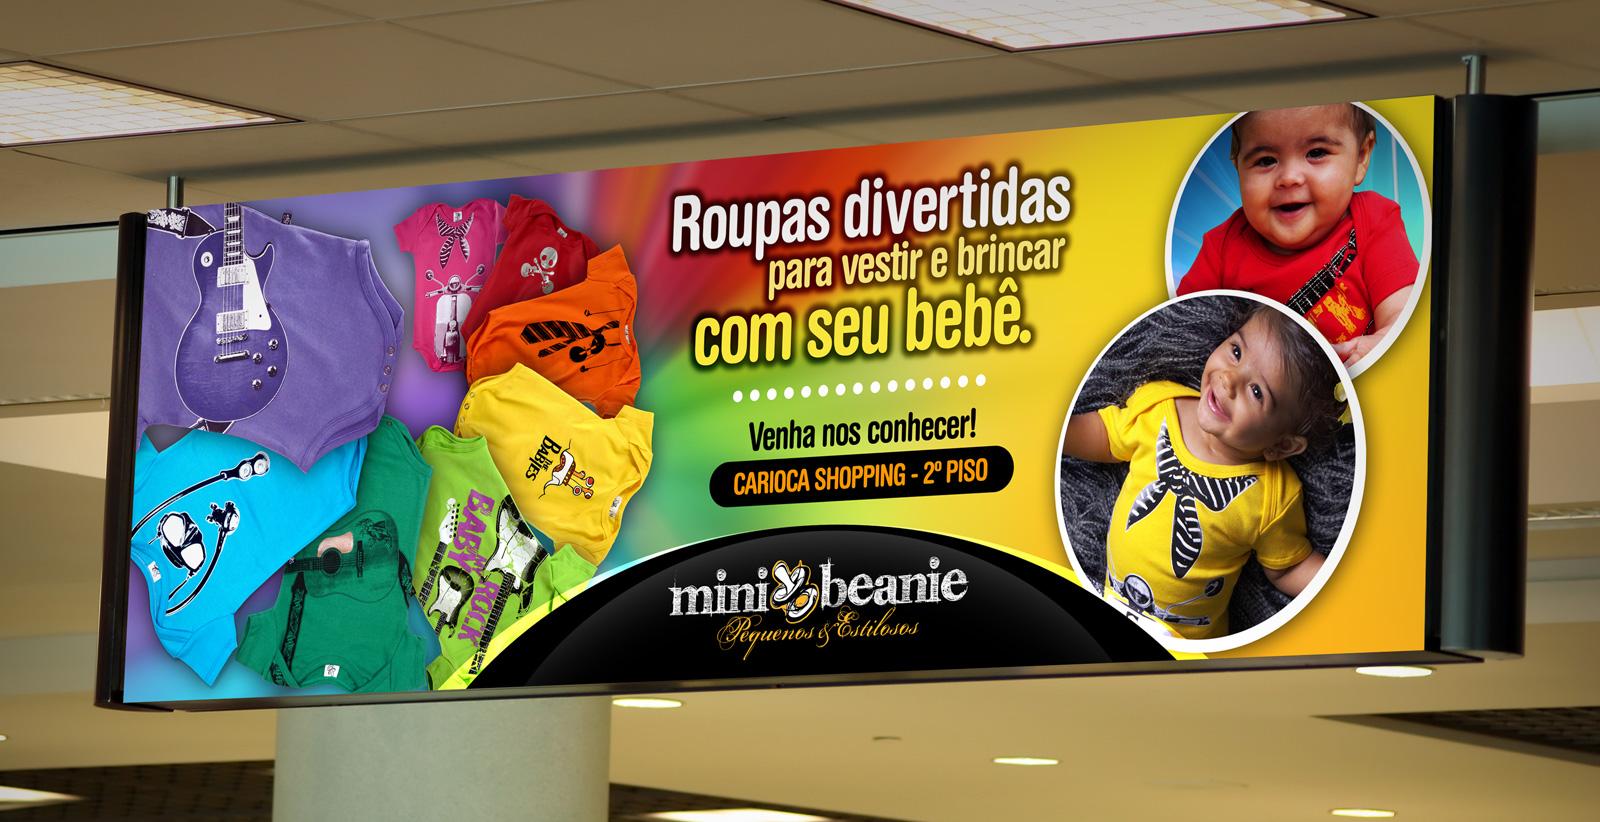 minibeanie-mall-billboard